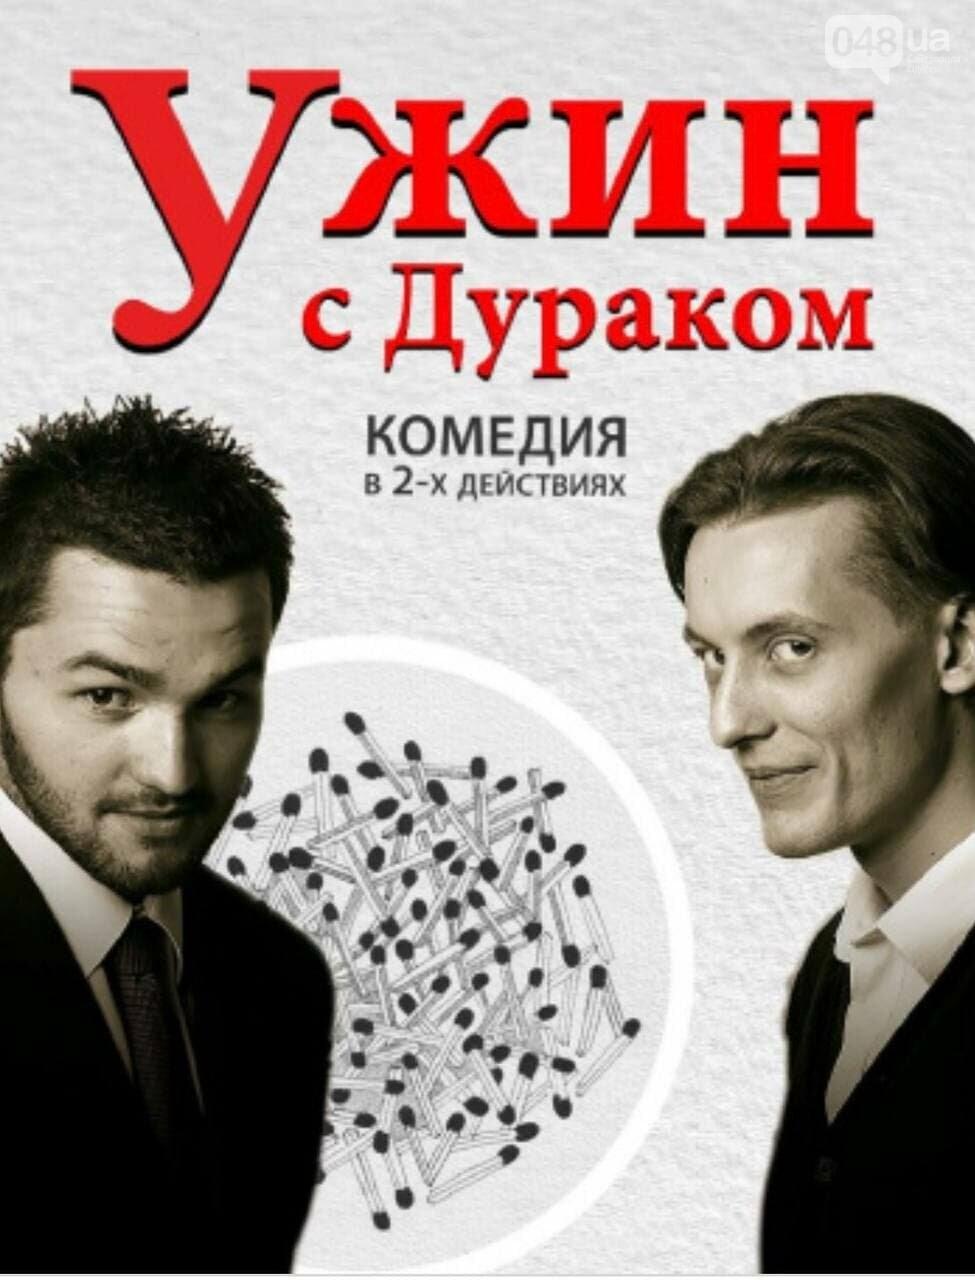 ТОП-10 мероприятий к 8 марта в Одессе, фото-2